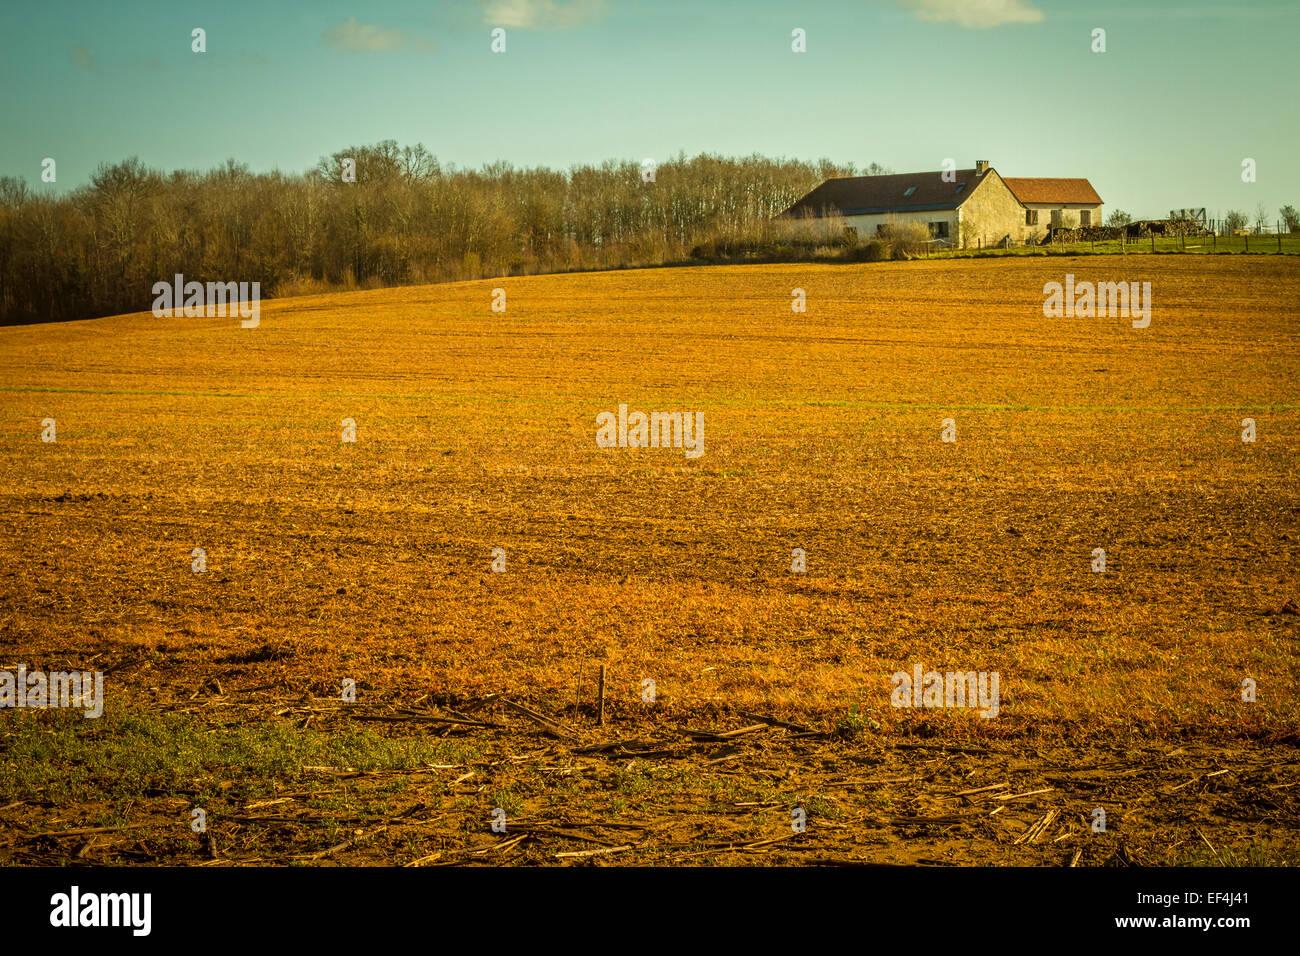 Bauernhaus auf einem Feld. Stockbild